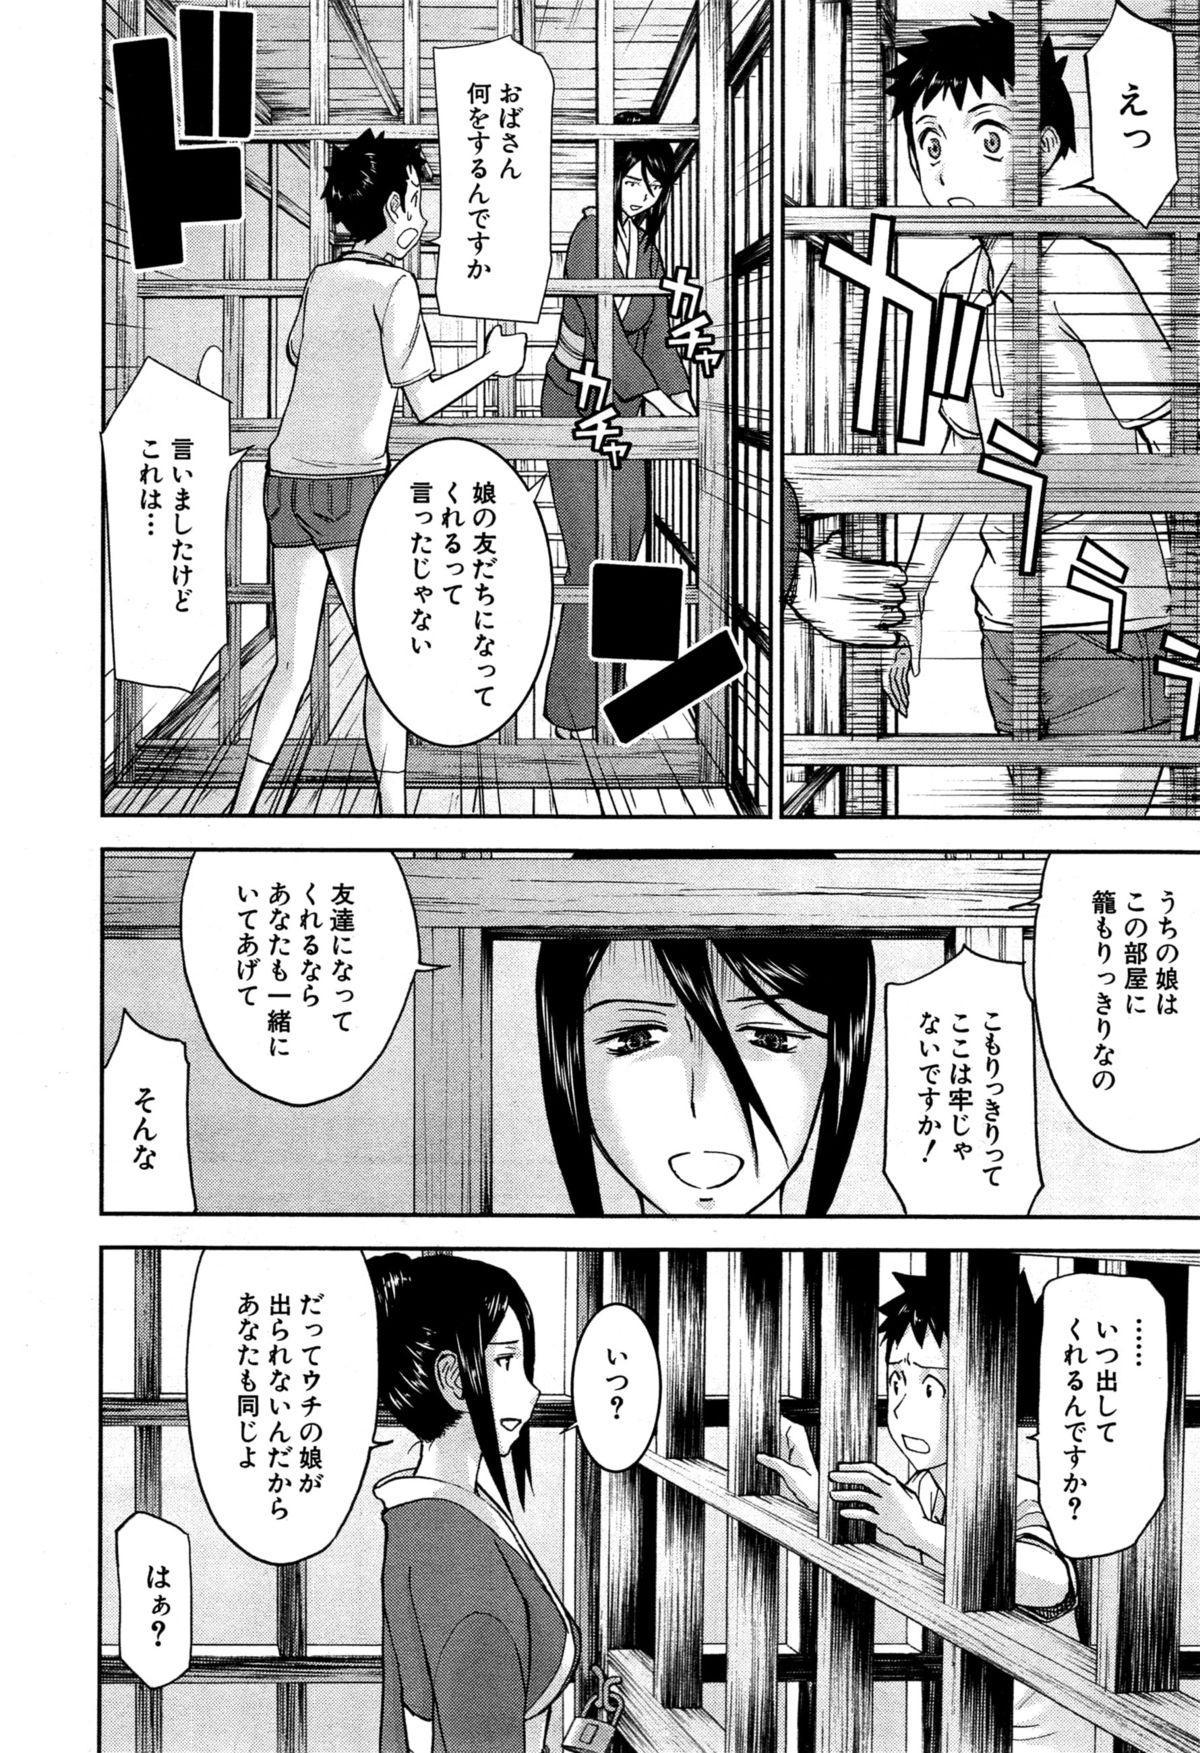 Zashikihime no Omocha Ch. 1-6 35